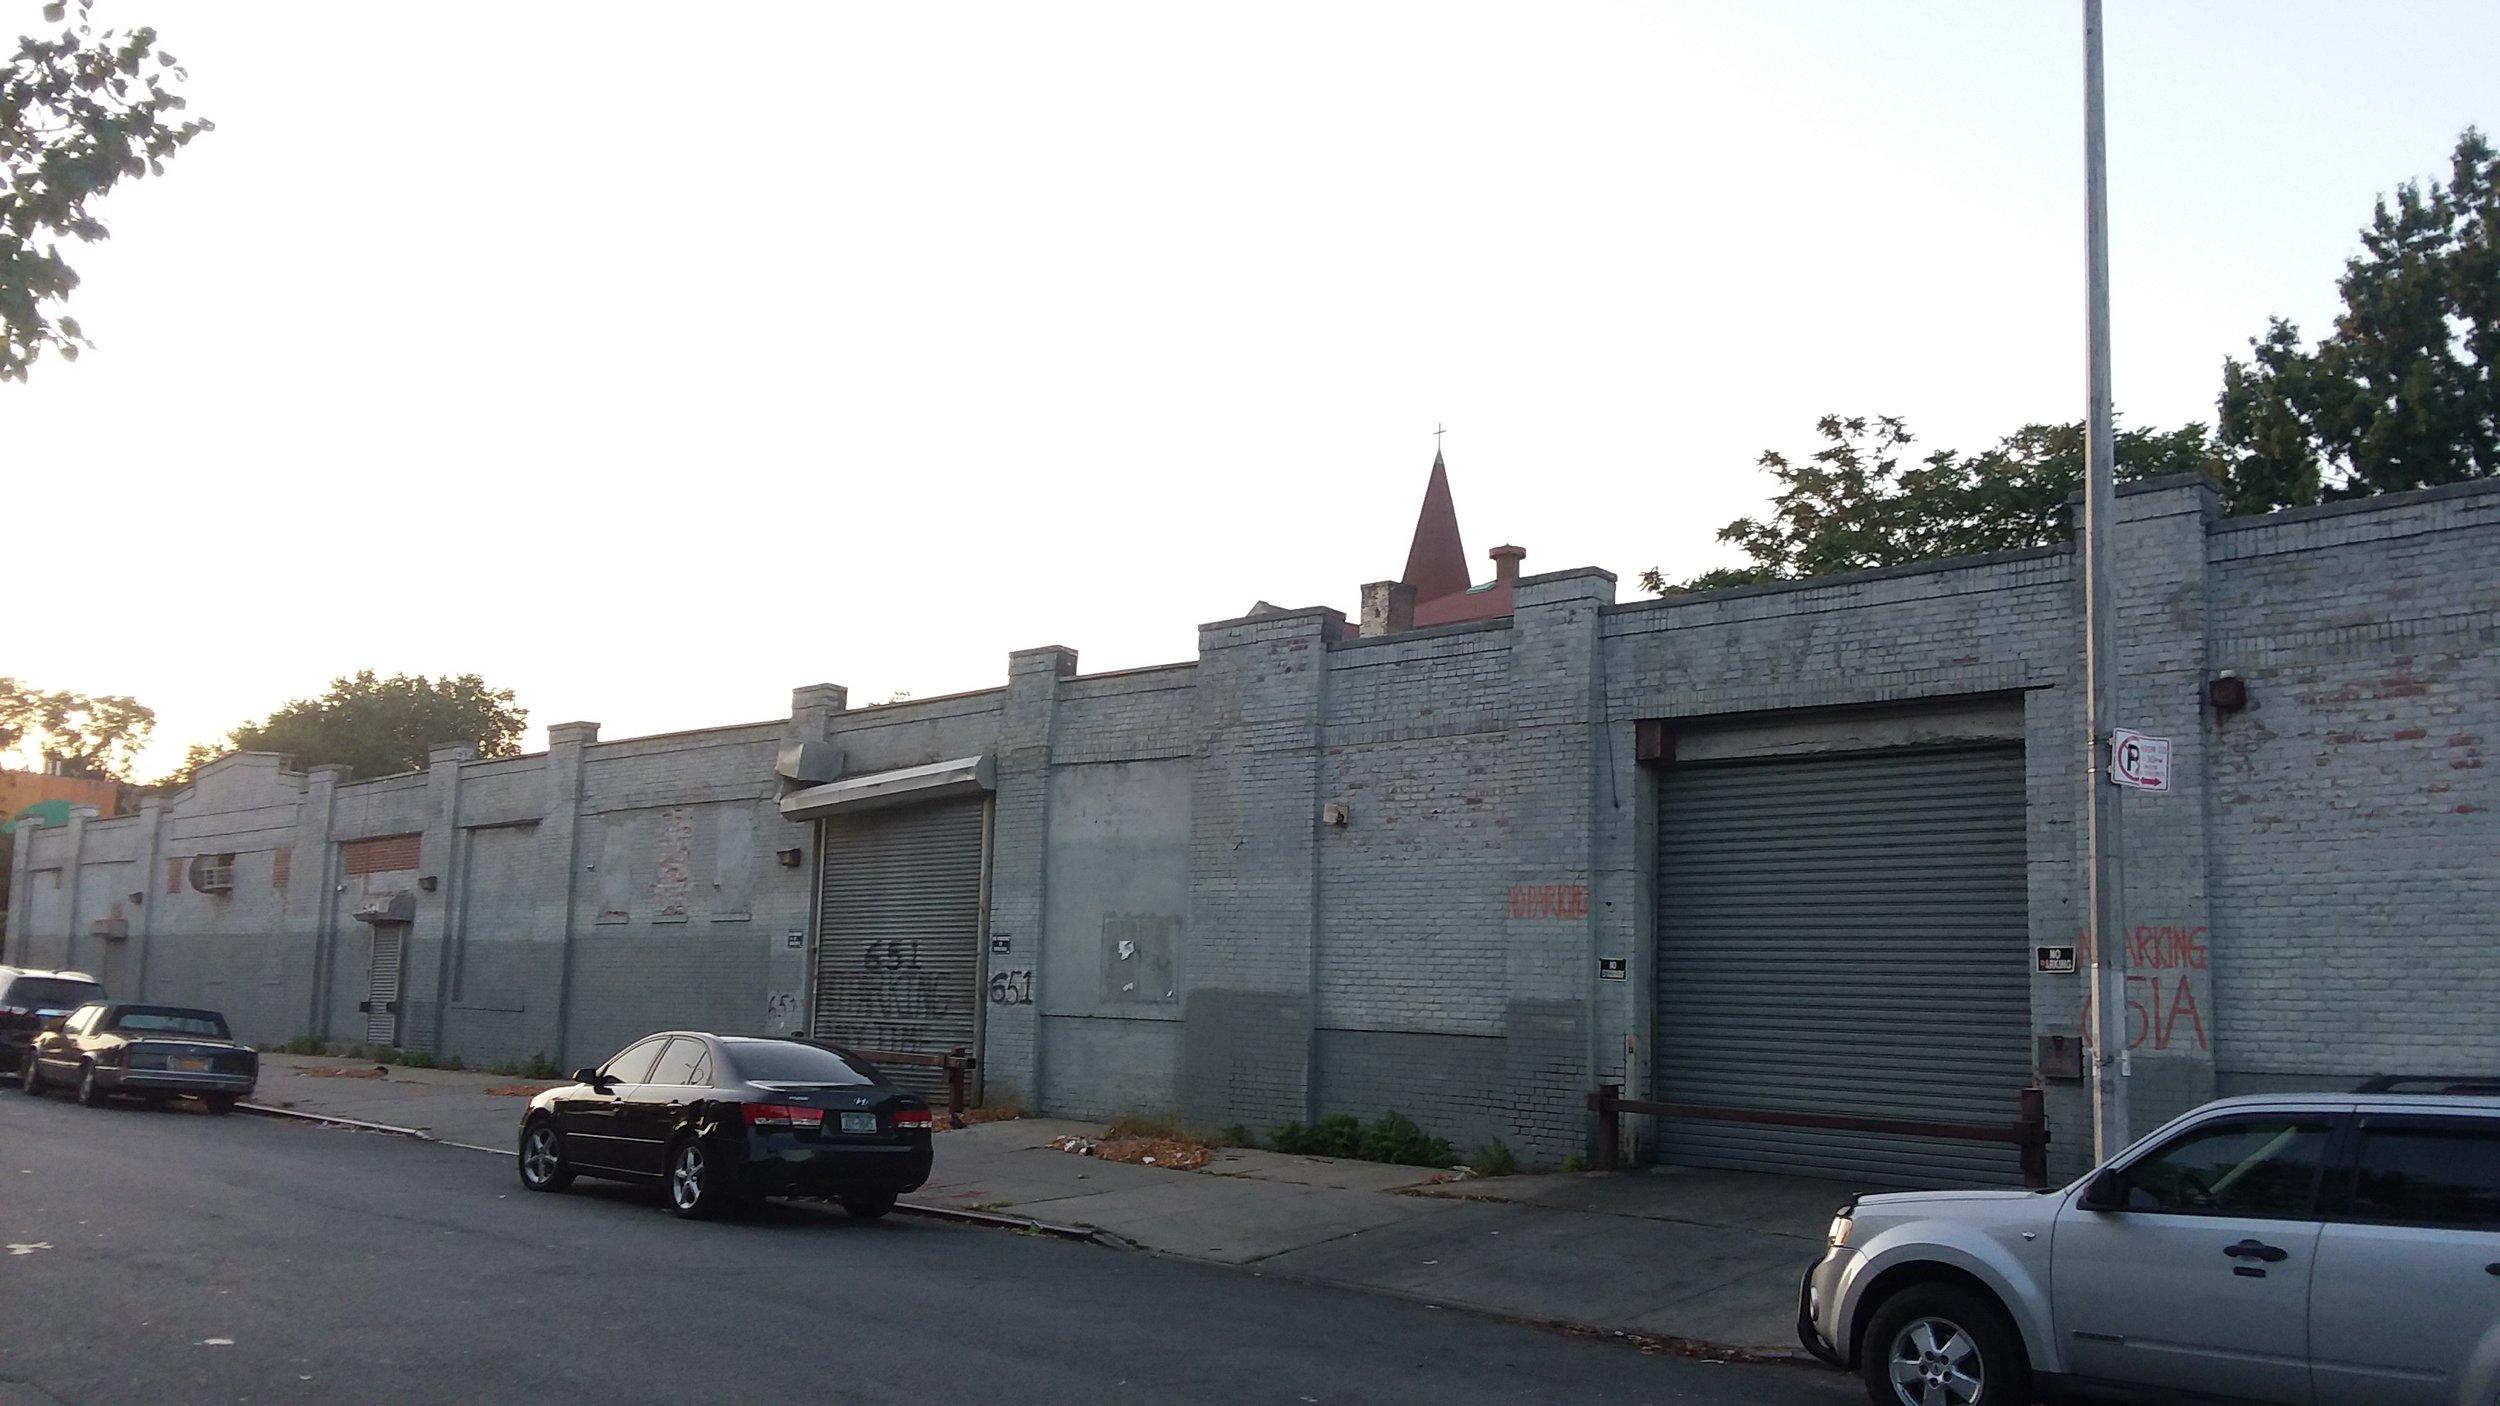 651 Lexington Ave., Brooklyn, NY. Photo: Darryl Montgomery.